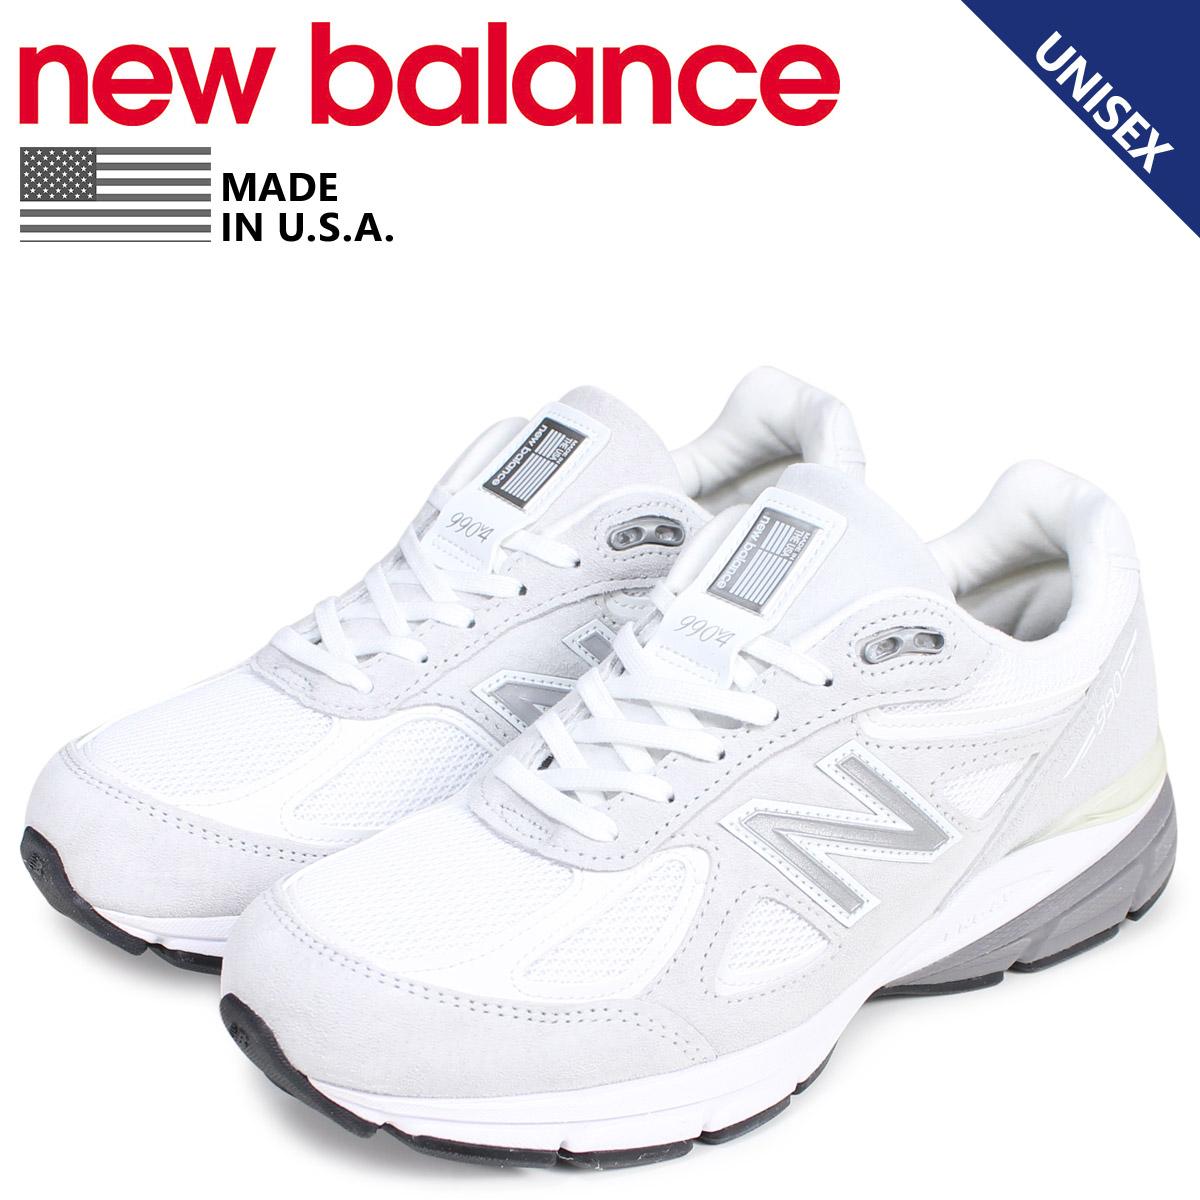 new balance ニューバランス 990 スニーカー メンズ レディース Dワイズ MADE IN USA ホワイト 白 M990JUA4 [3/11 新入荷]